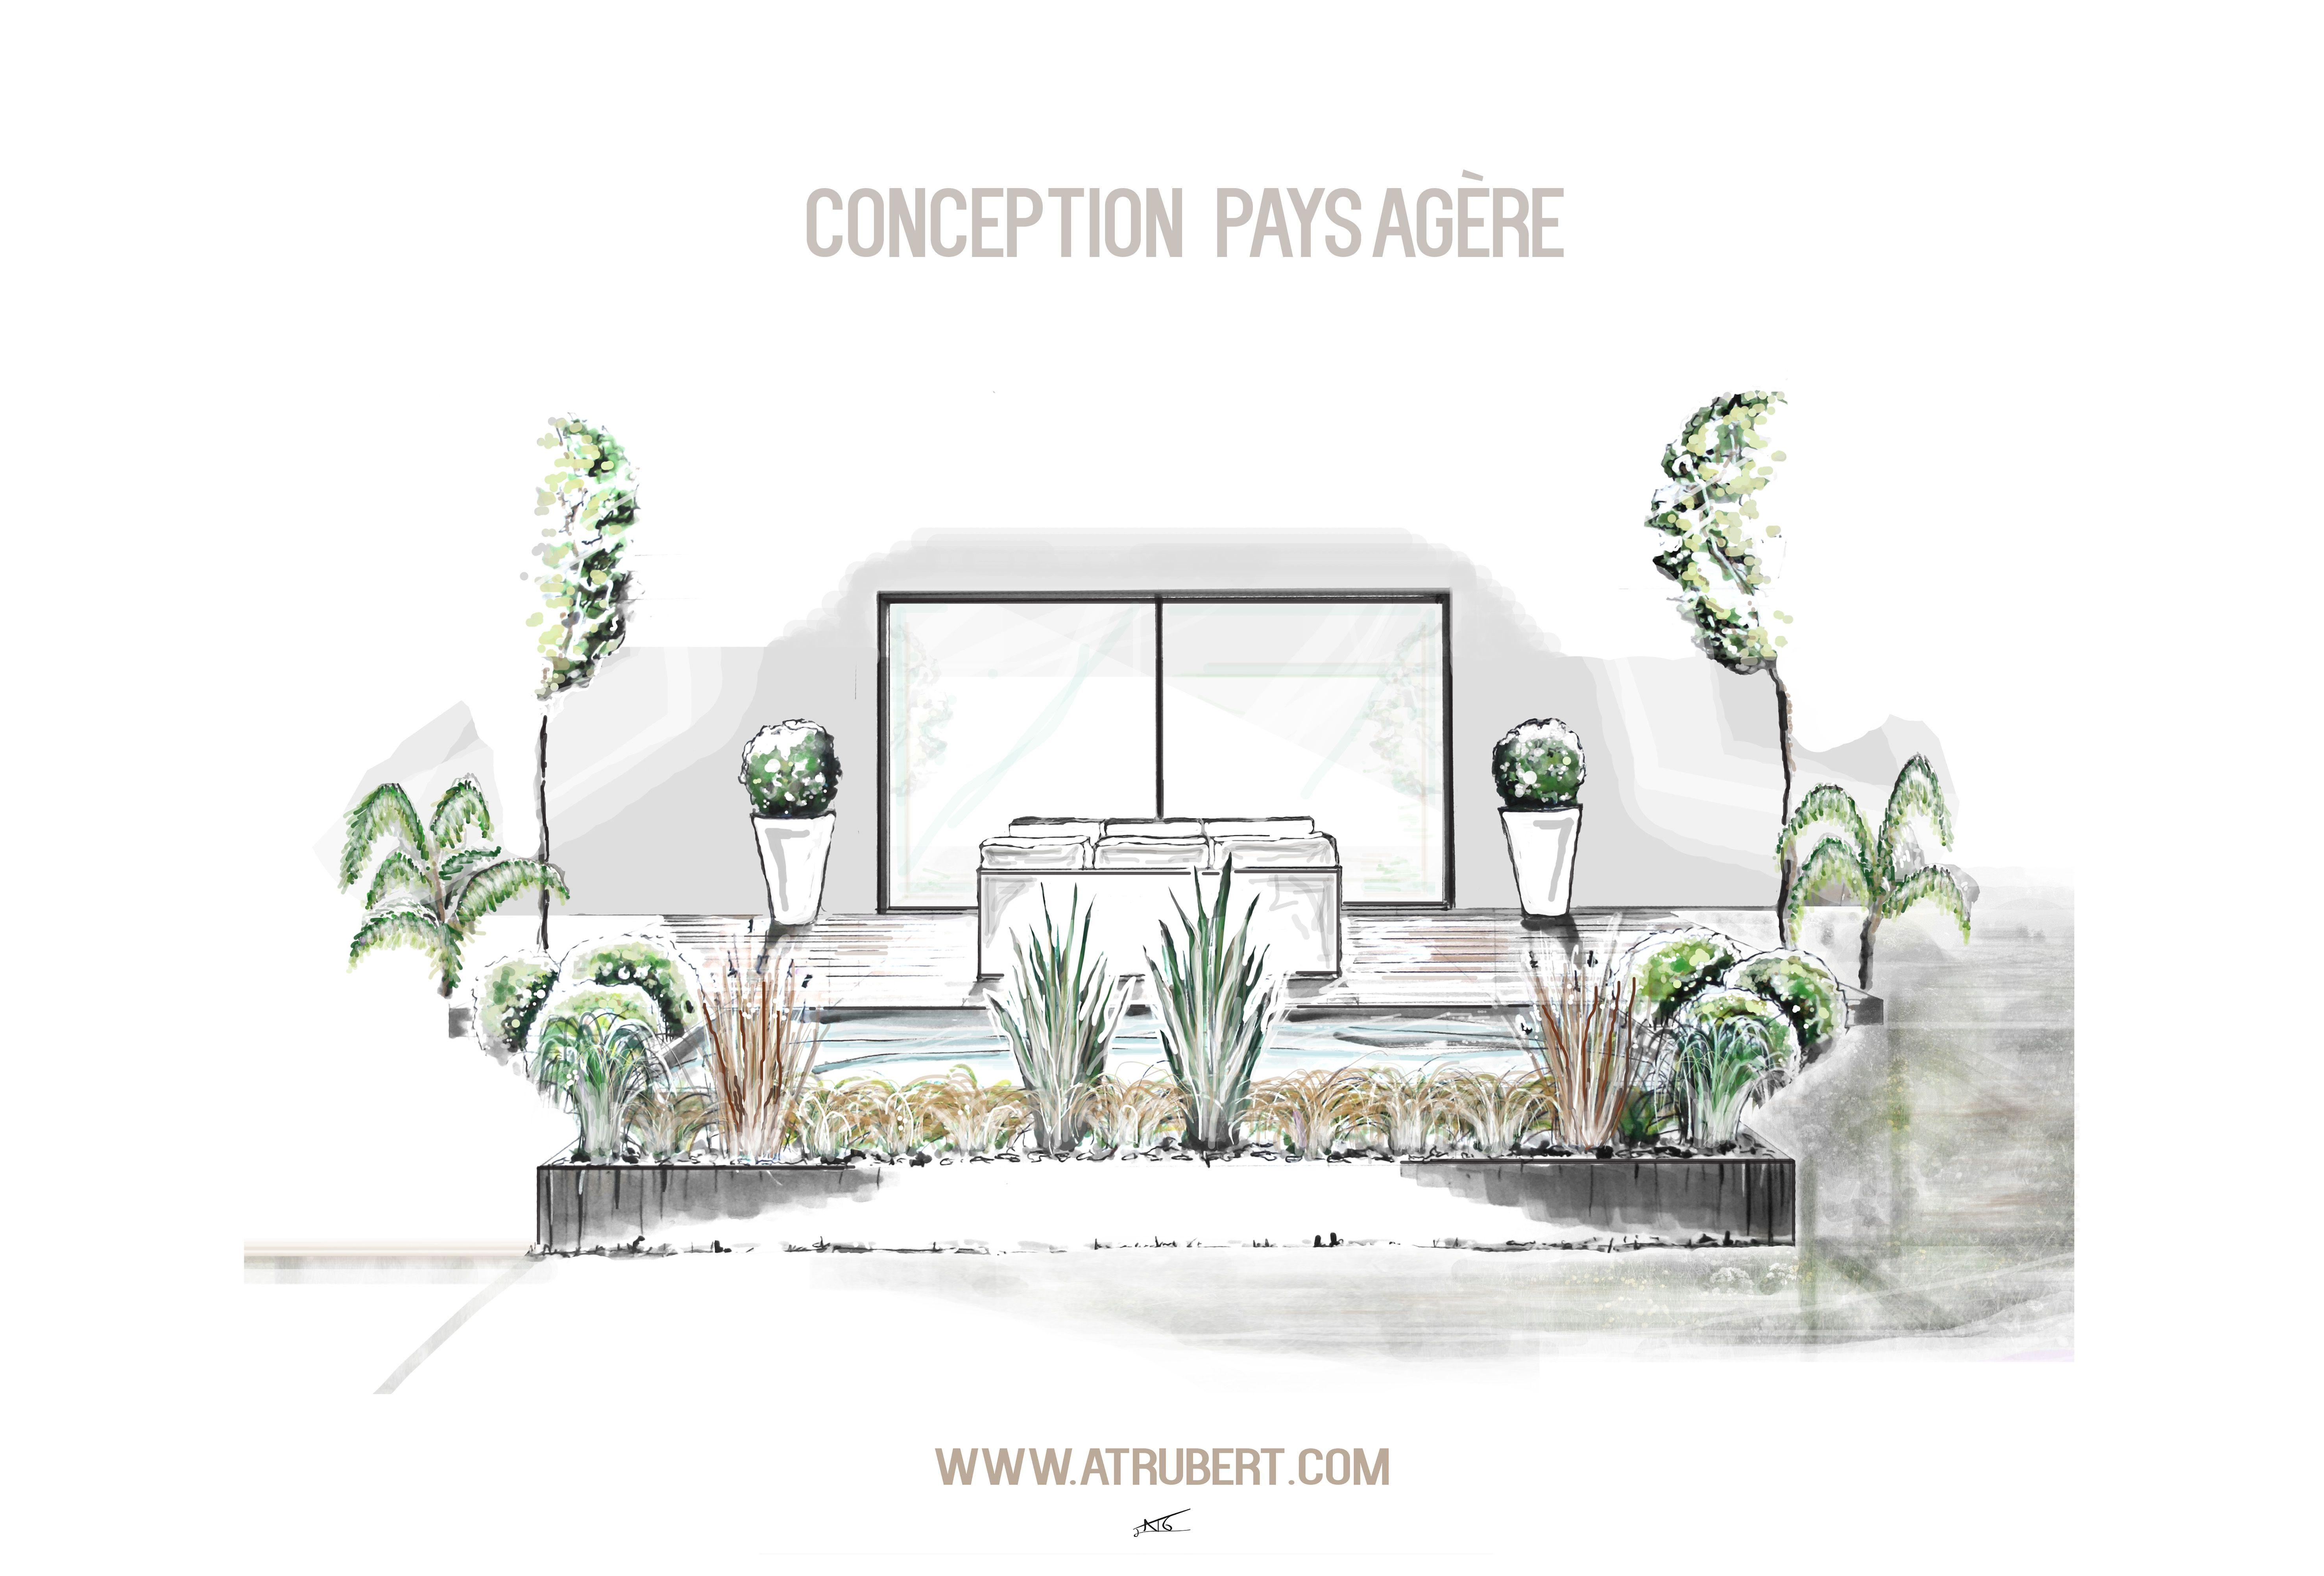 Dessin perspective alexandre trubert a t elier 16 design for Design d interieur nantes